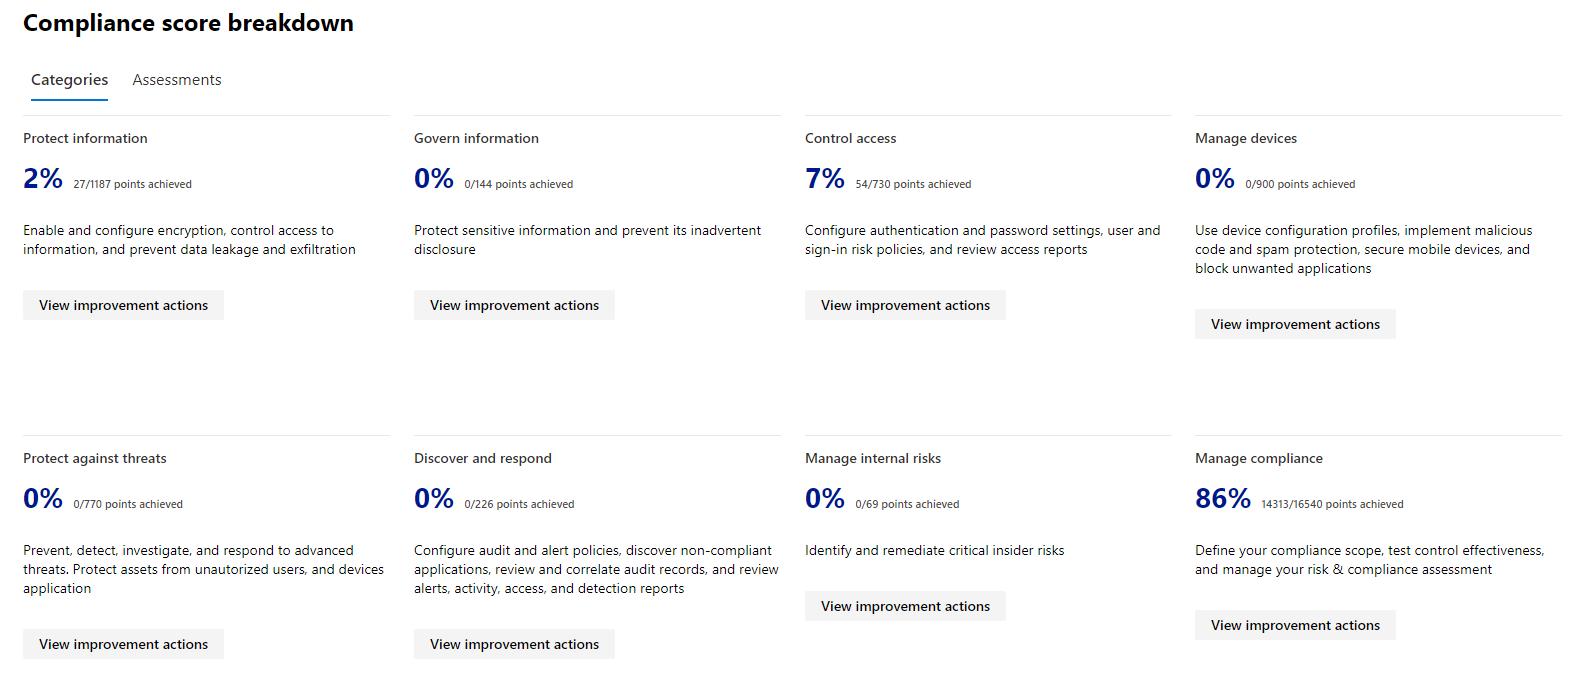 Microsoft 365 Compliance Score Breakdown